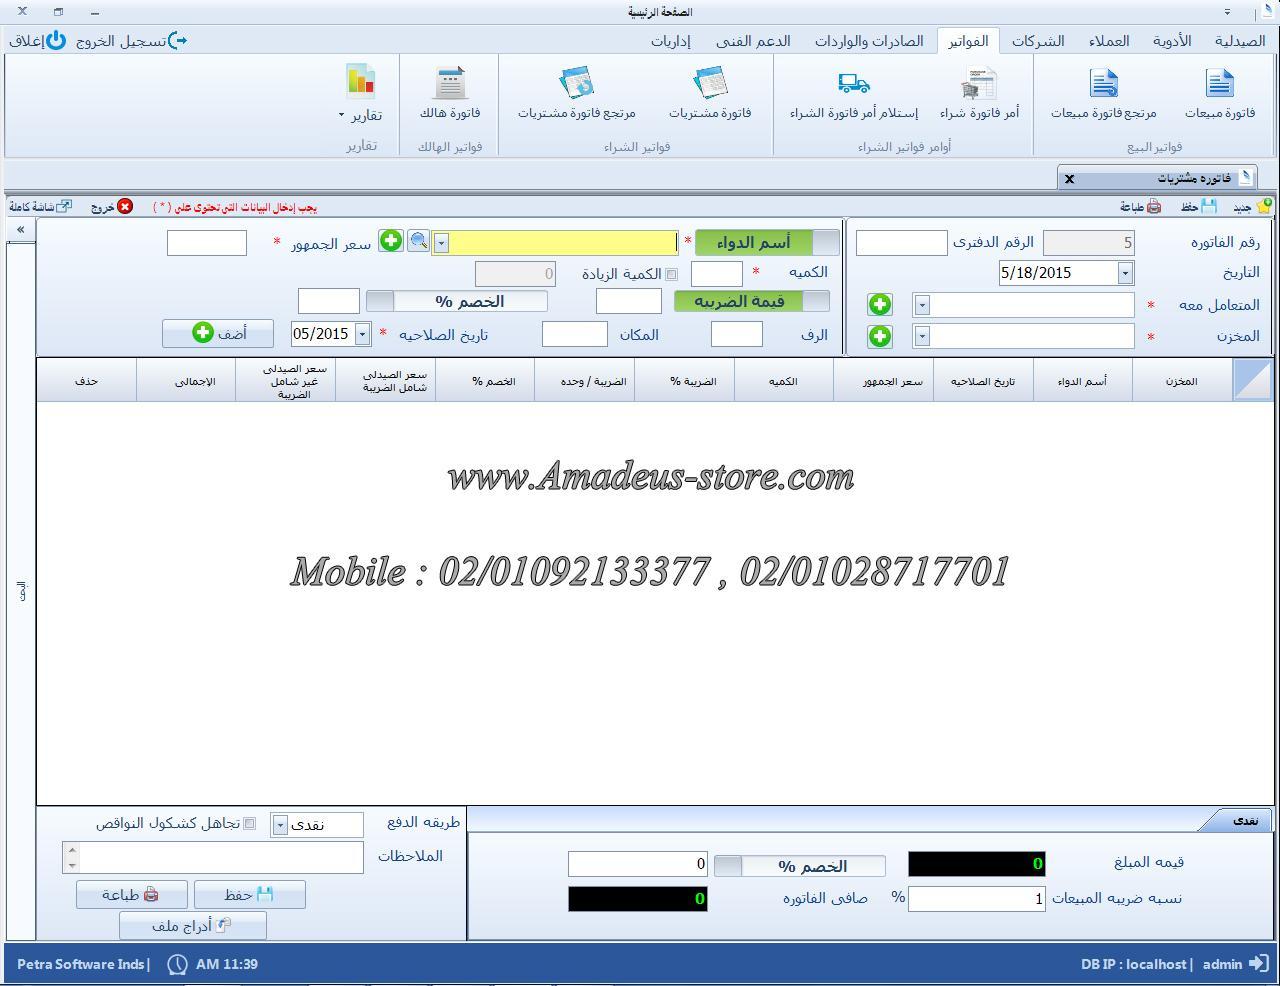 عروض شهر رمضان الكريم على برنامج الصيدلية فارماكير Pharmacy Management System 803386737.jpg